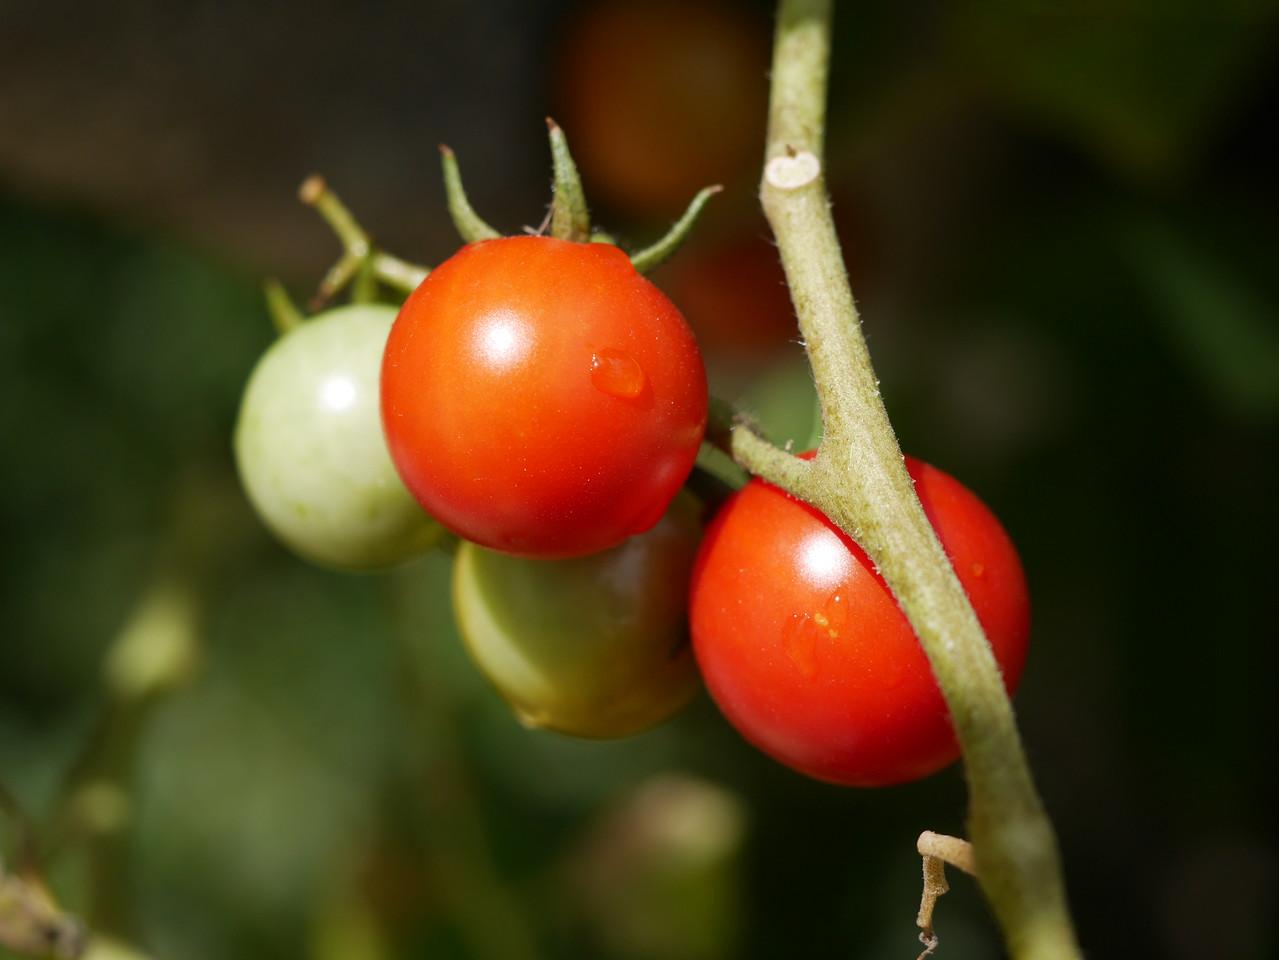 20180216_1028_5010 cherry tomato